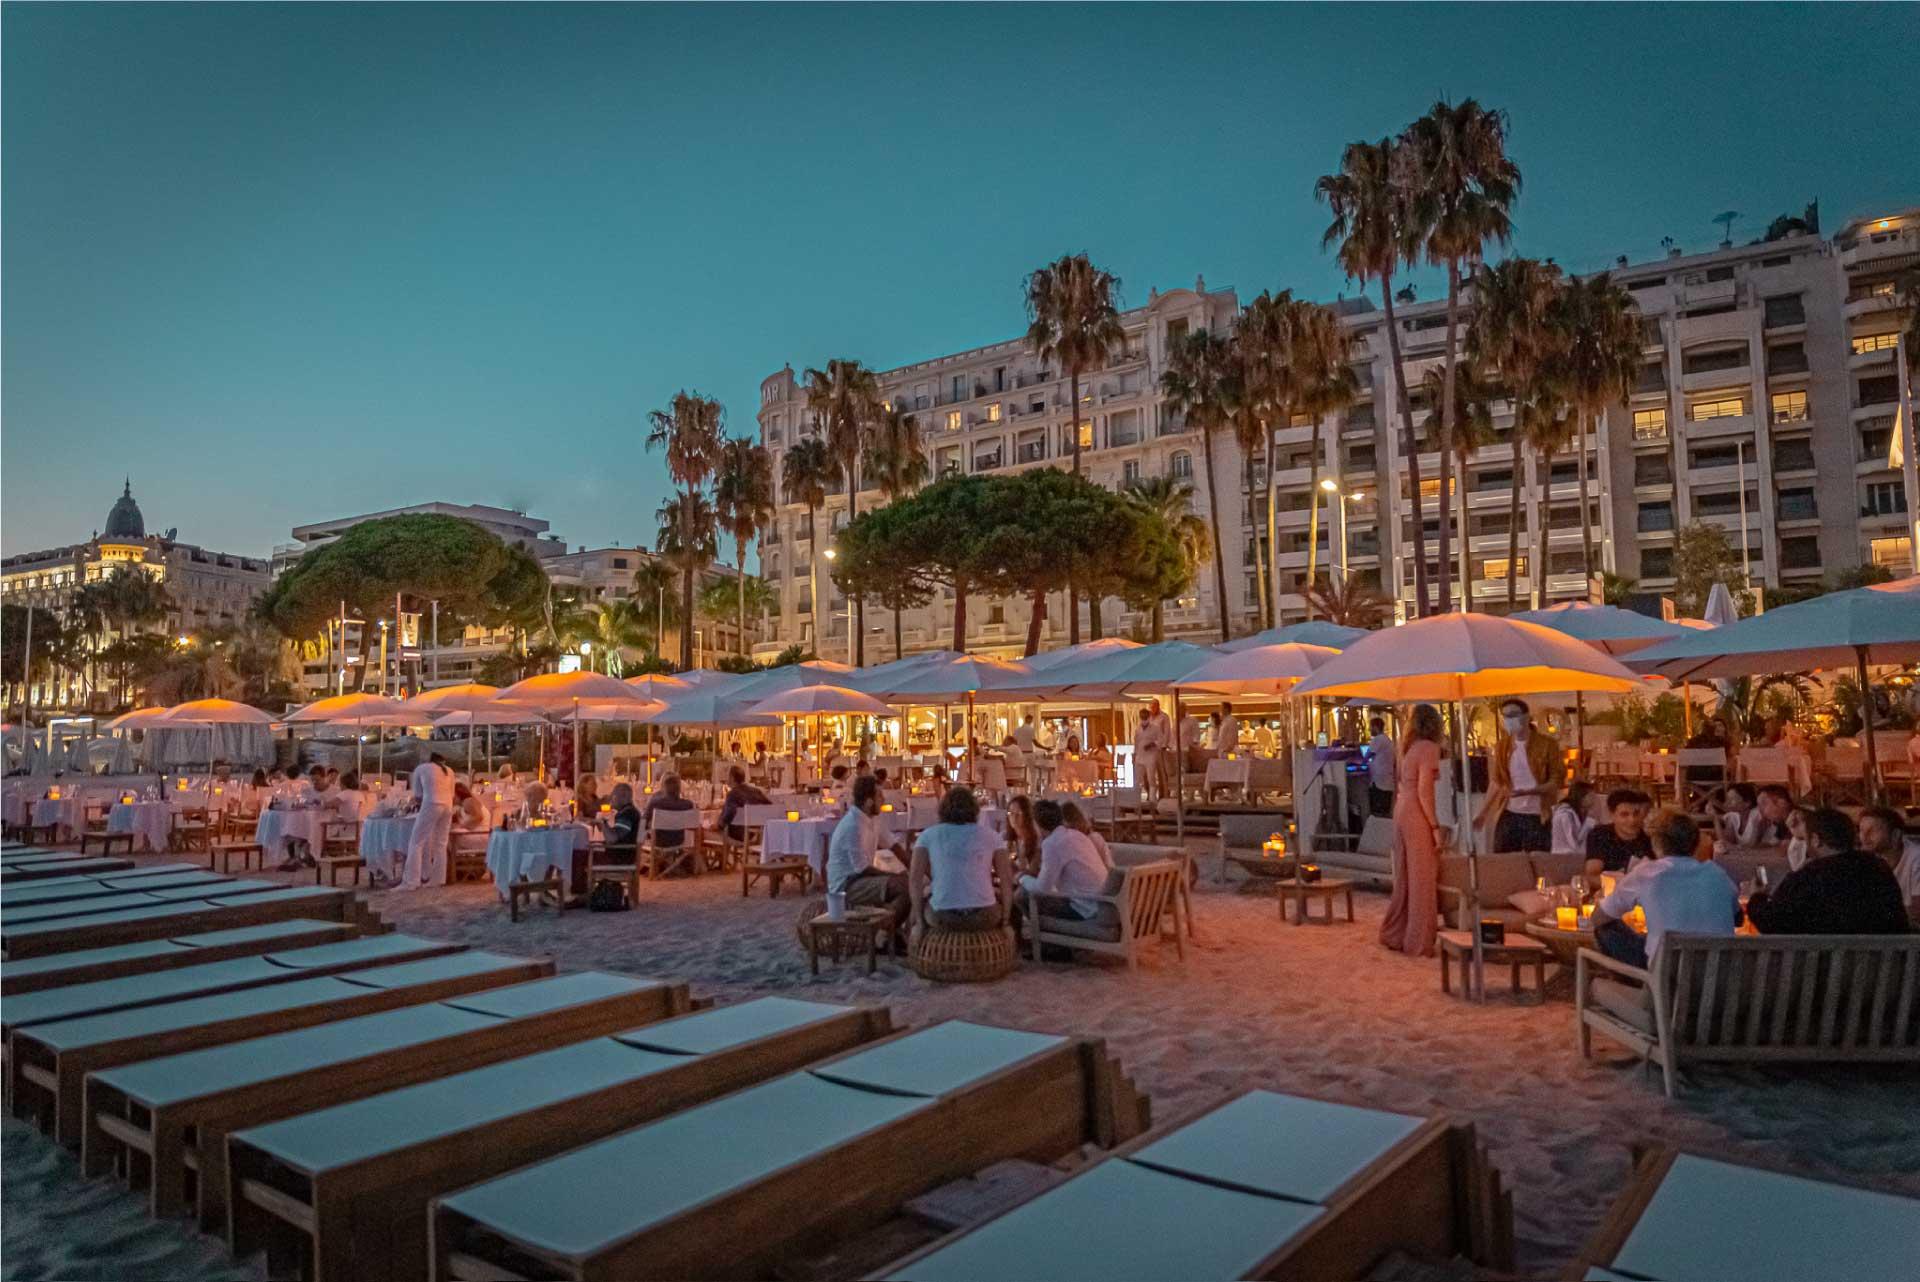 Miramar-plage-restaurant-gastronomique-cannes-nuit